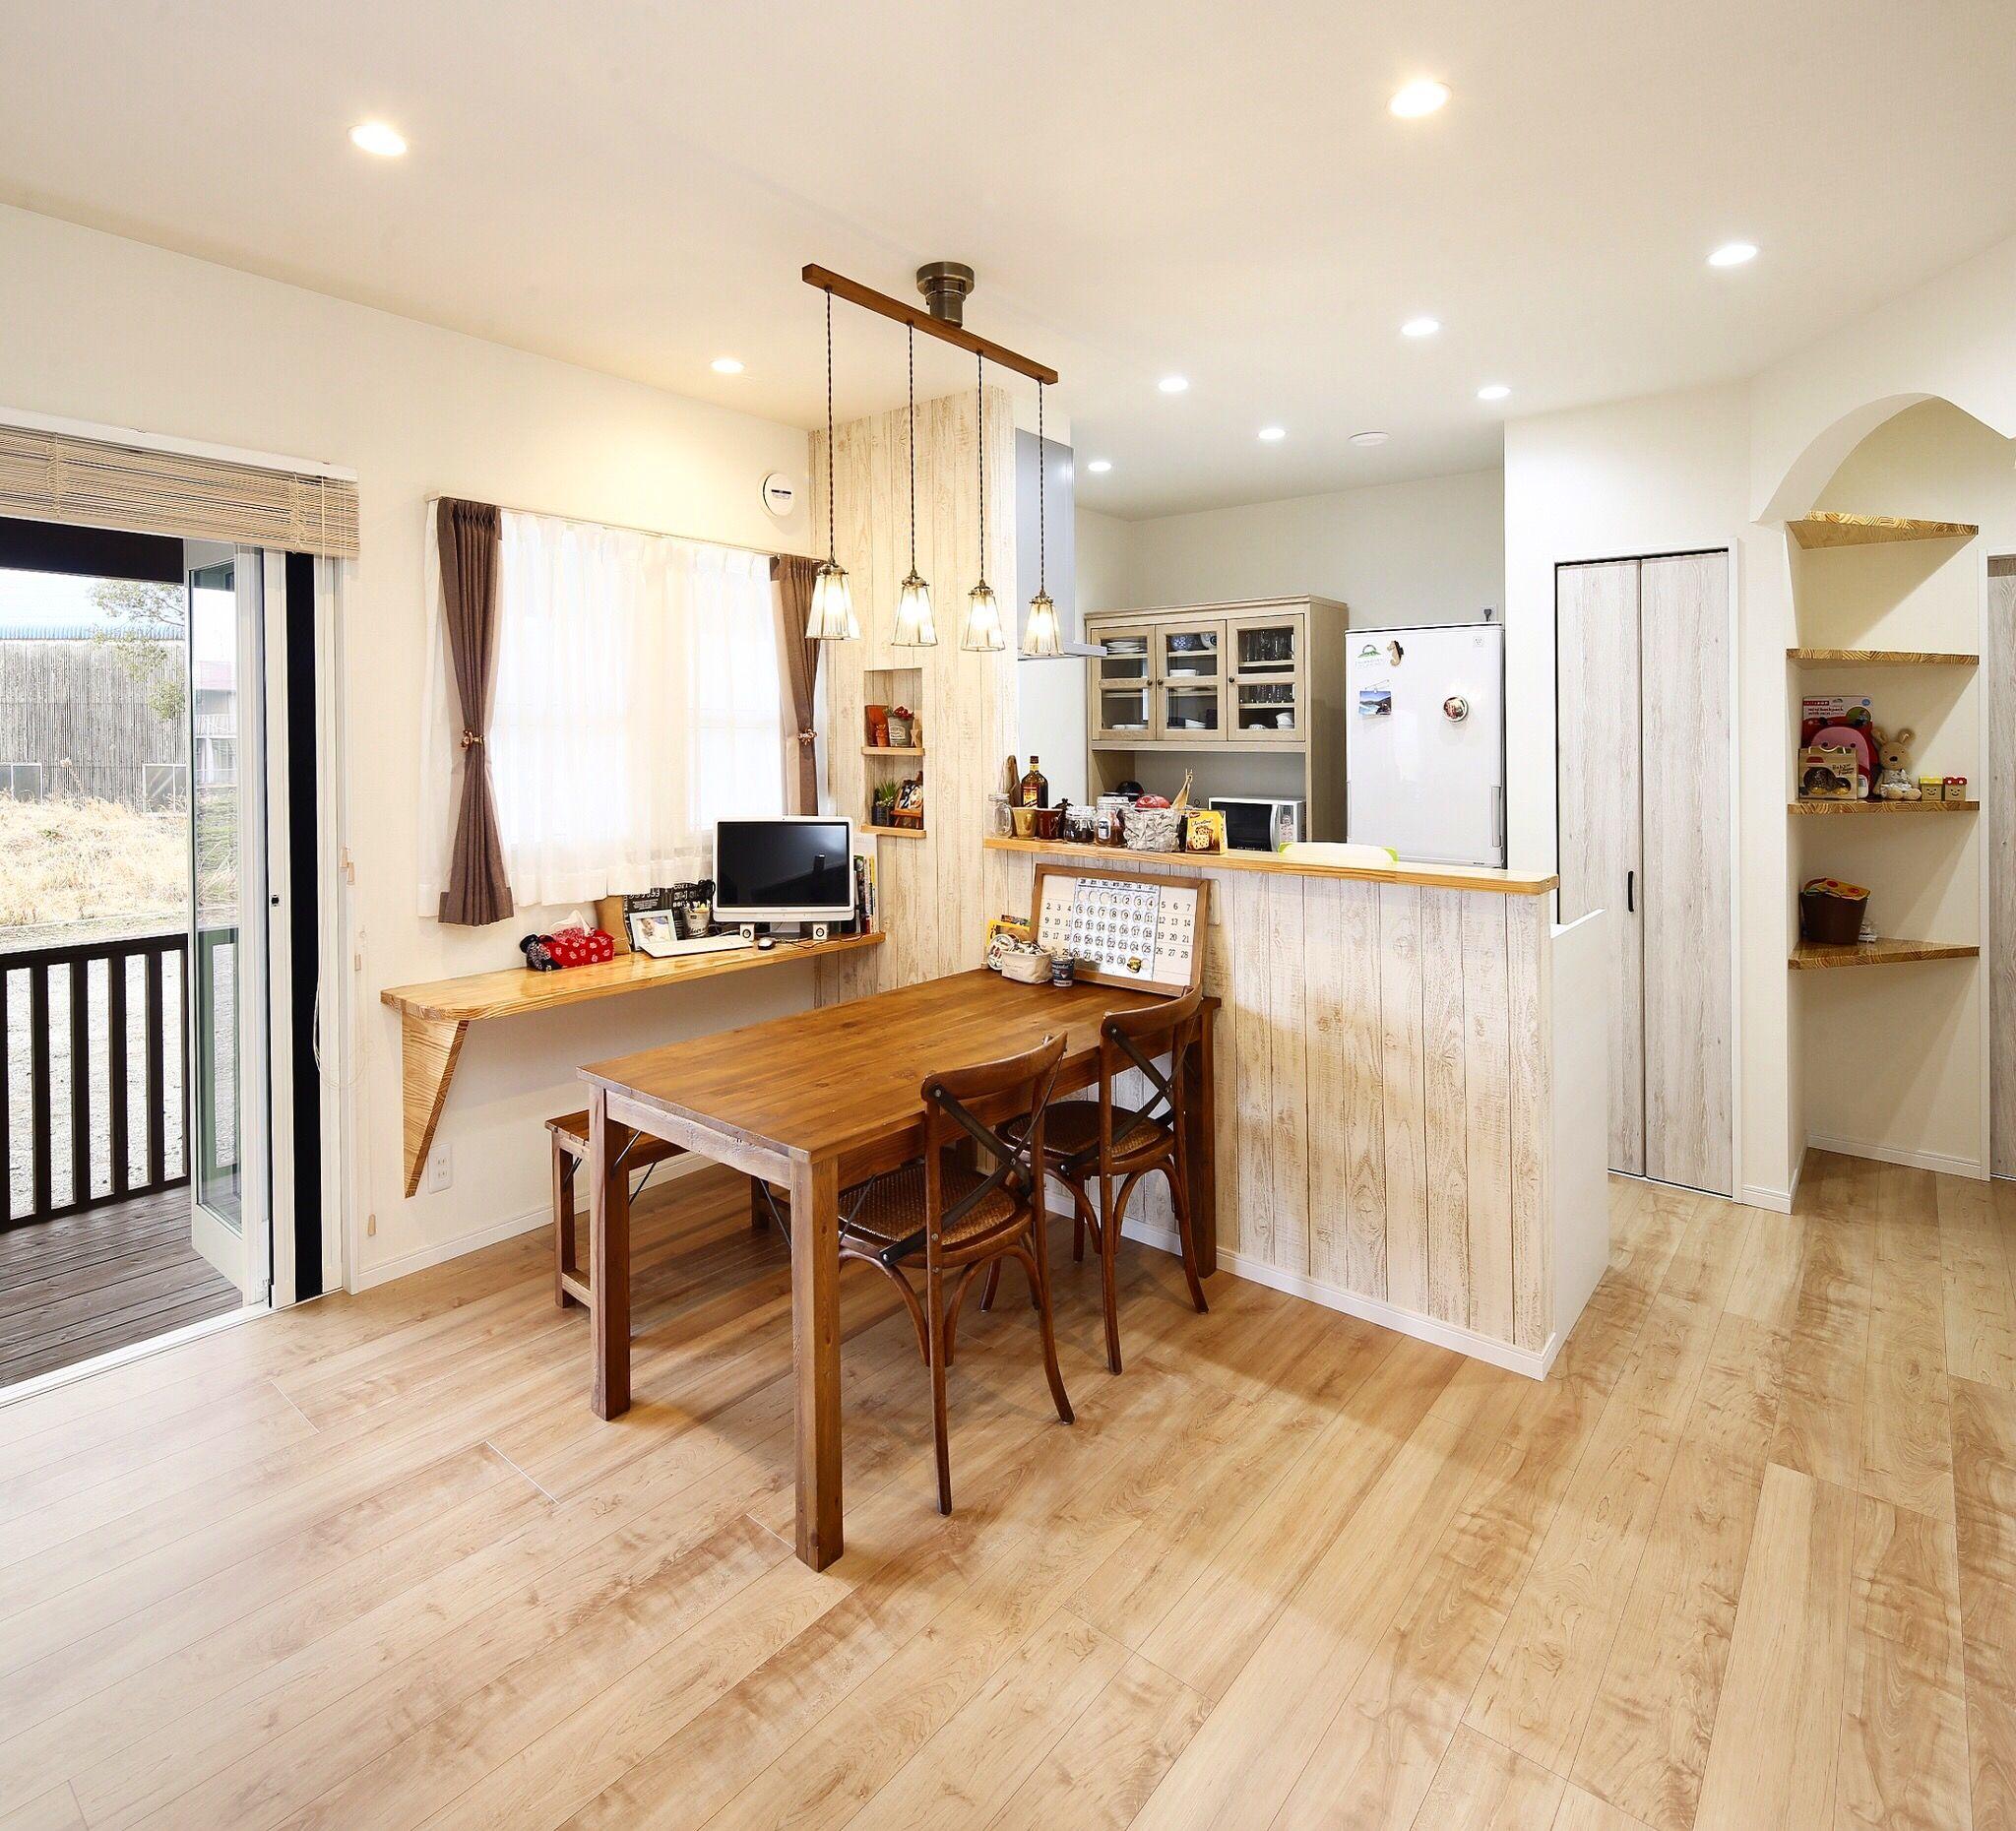 アメリカンリビング、家具   リビング   pinterest   home